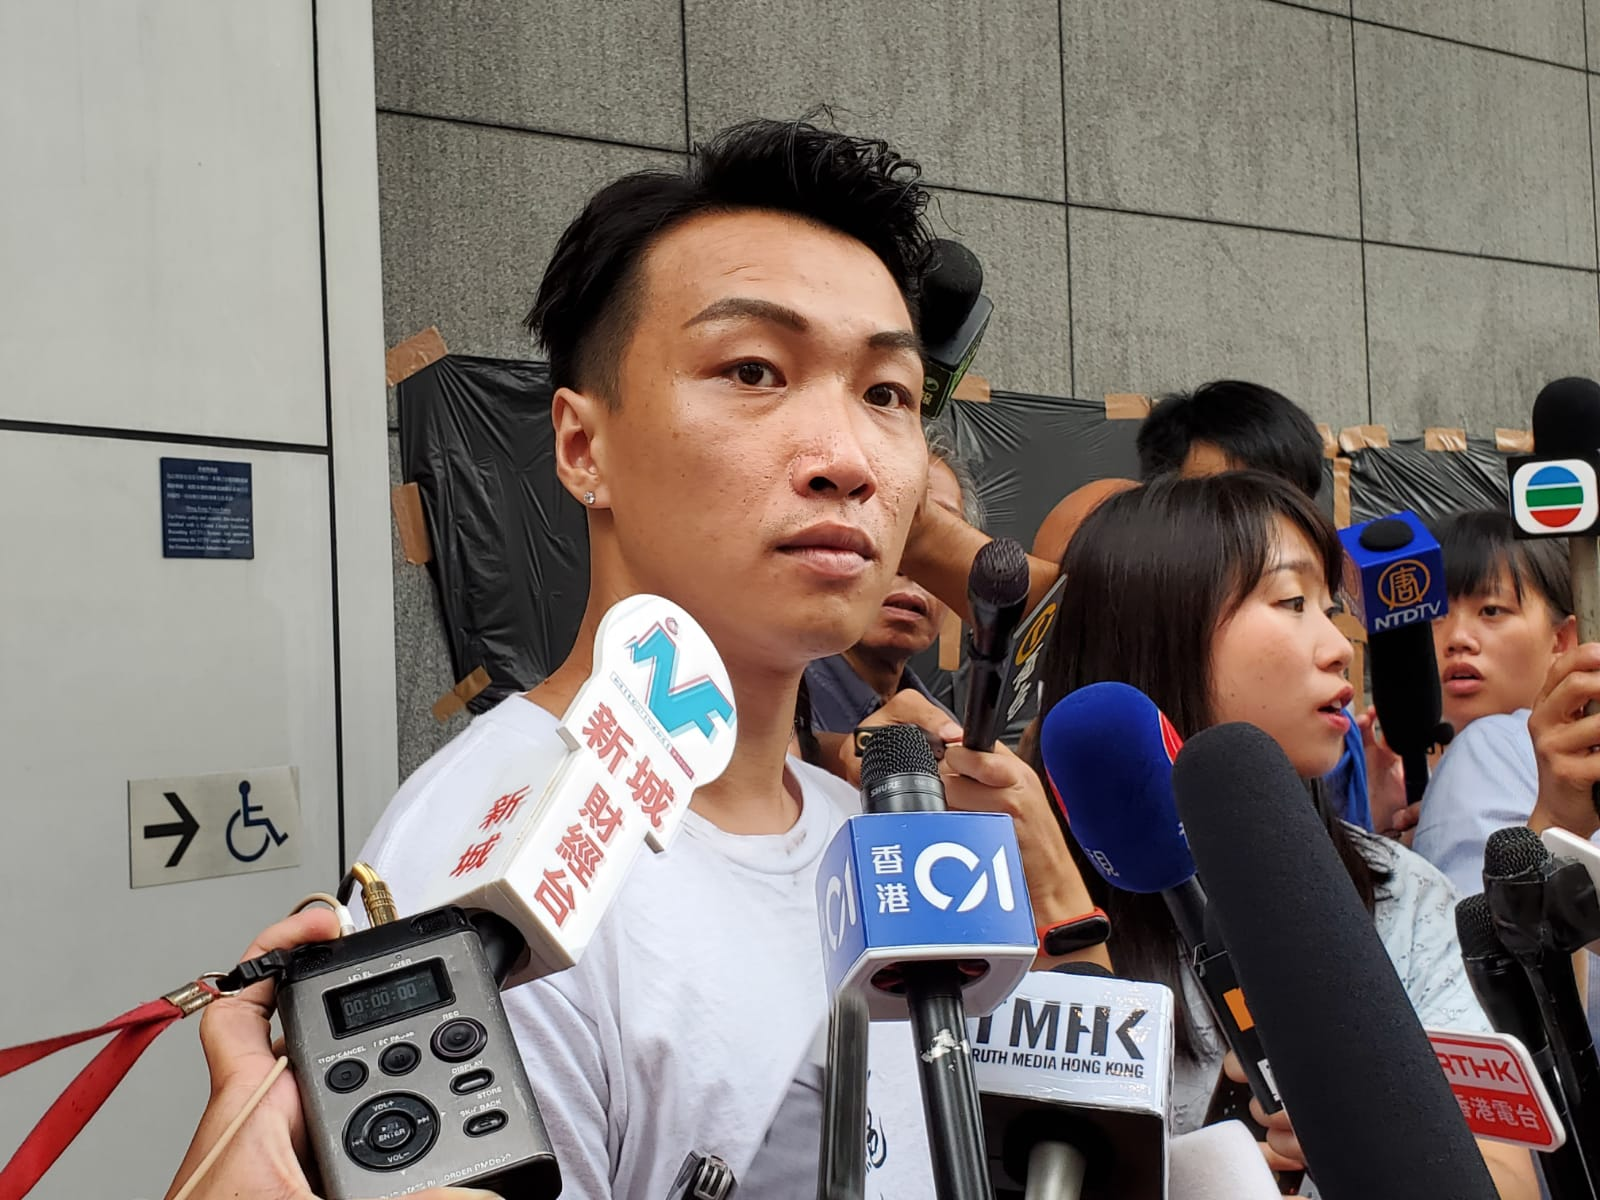 召集人岑子杰表示,遊行的重點目標是爭取成立由法官主持的獨立調查委員。